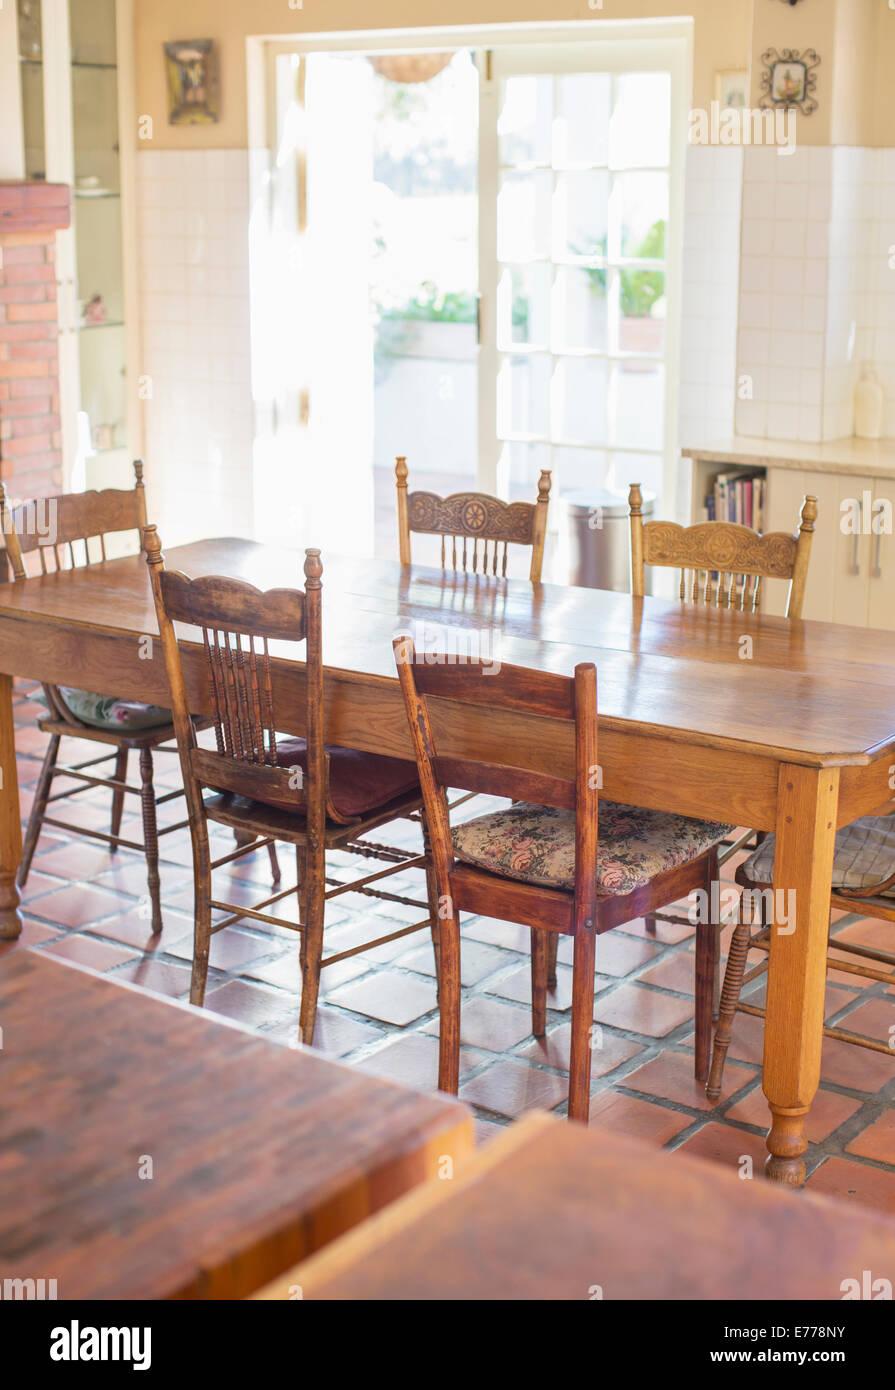 Esstisch im Haushalt Küche Stockbild